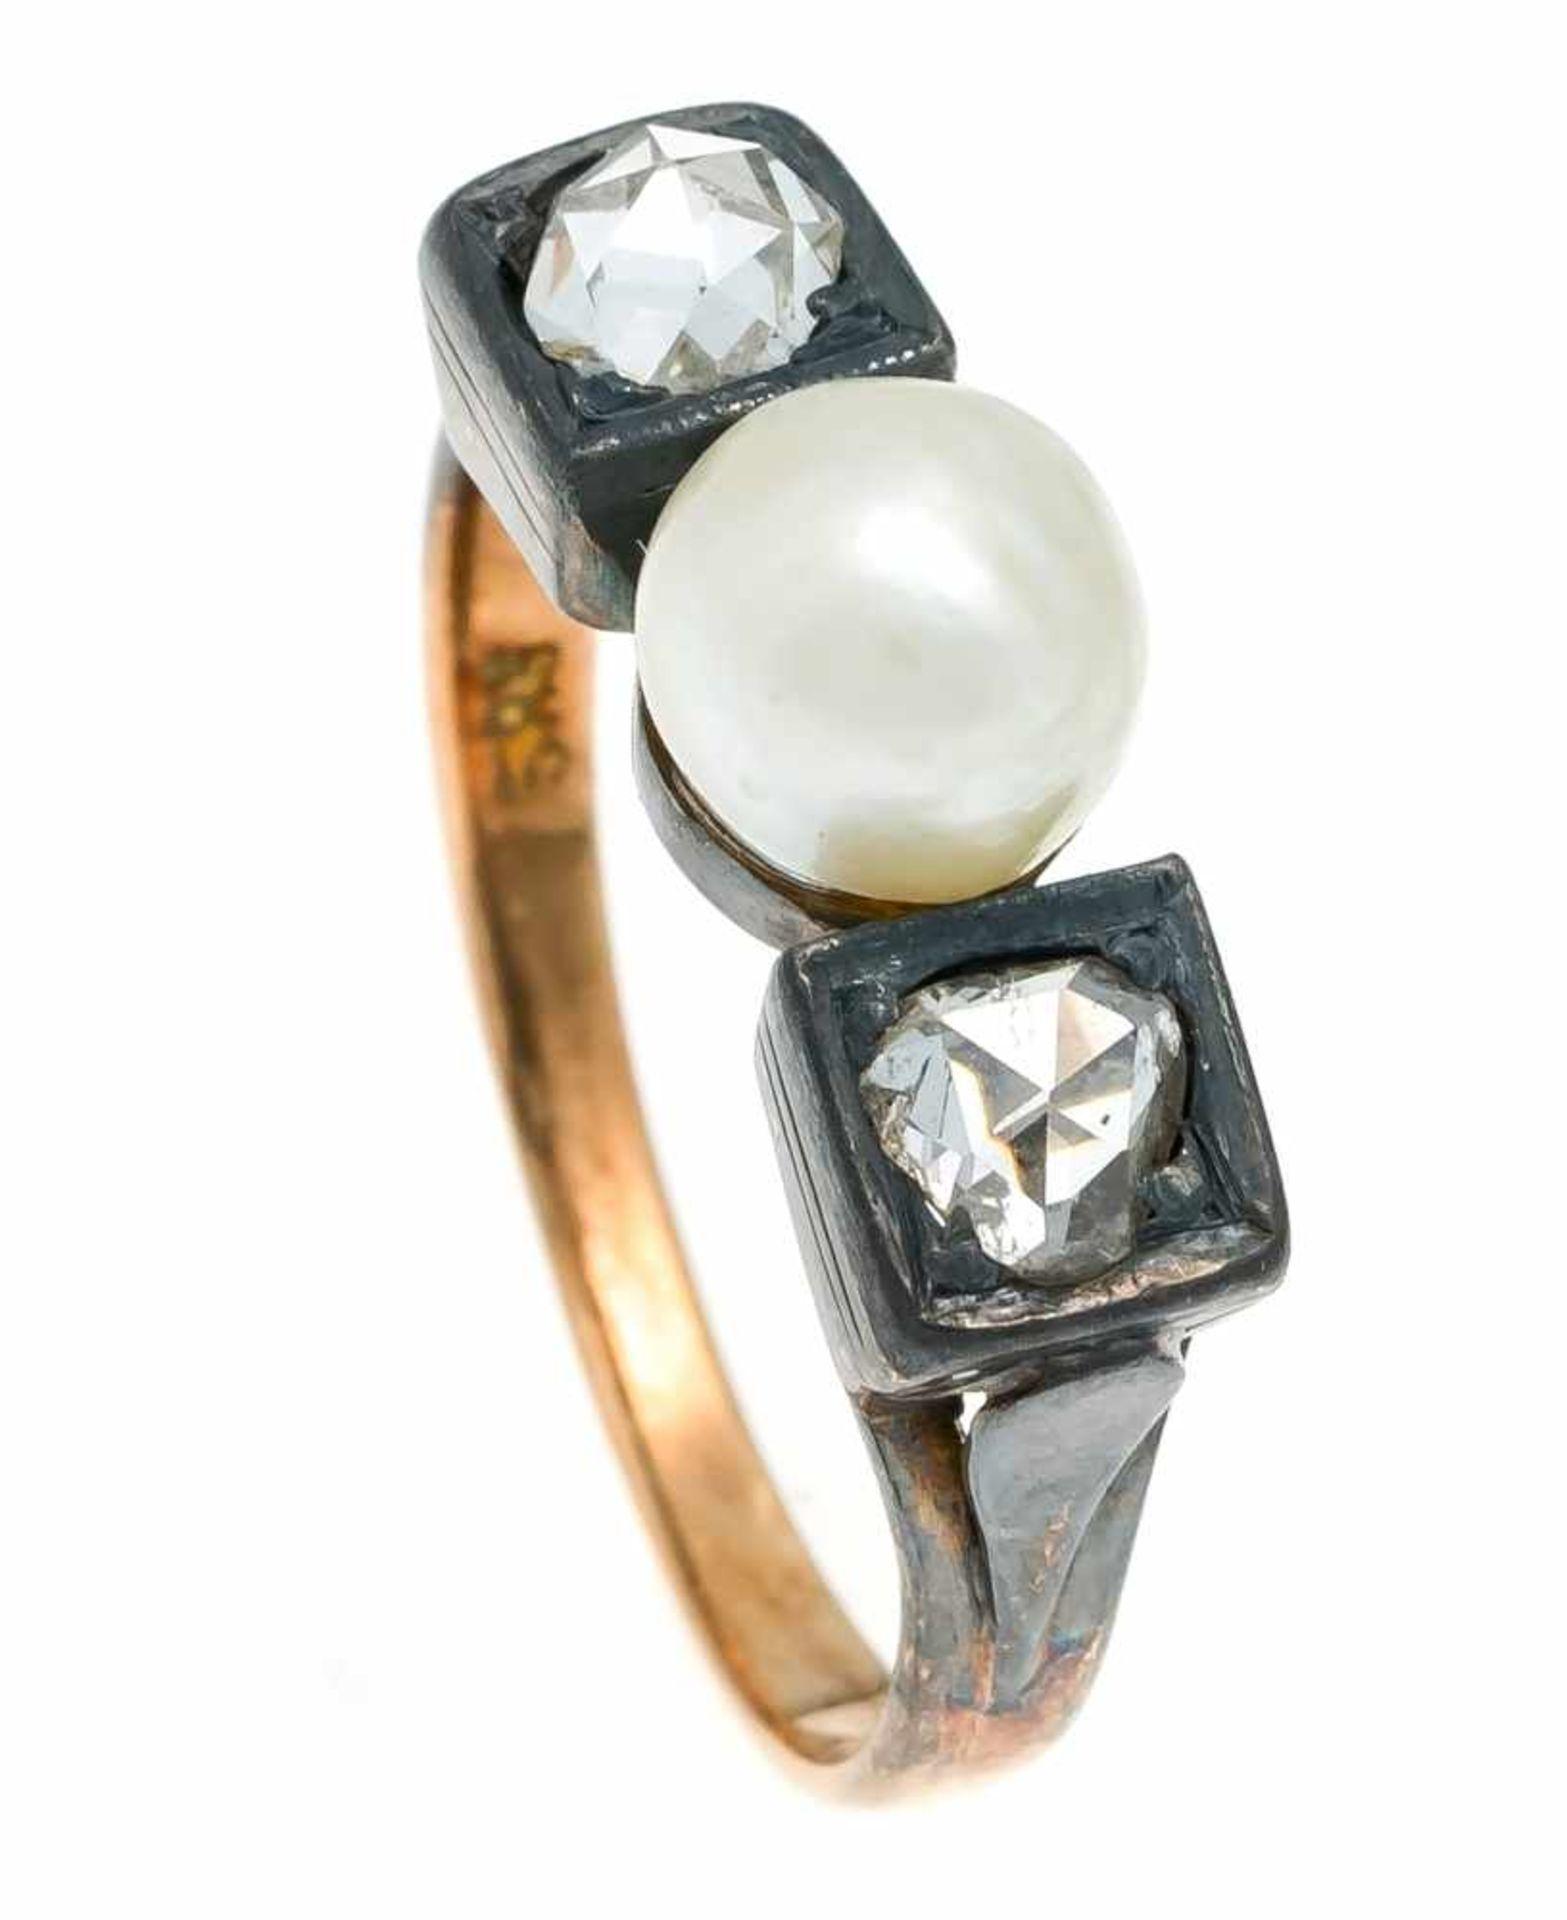 Perlen-Diamantrosen-Ring RG 585/000 mit einer Zuchtperle 6,7 mm und 2 Diamantrosen 4,5 mm, RG 58,